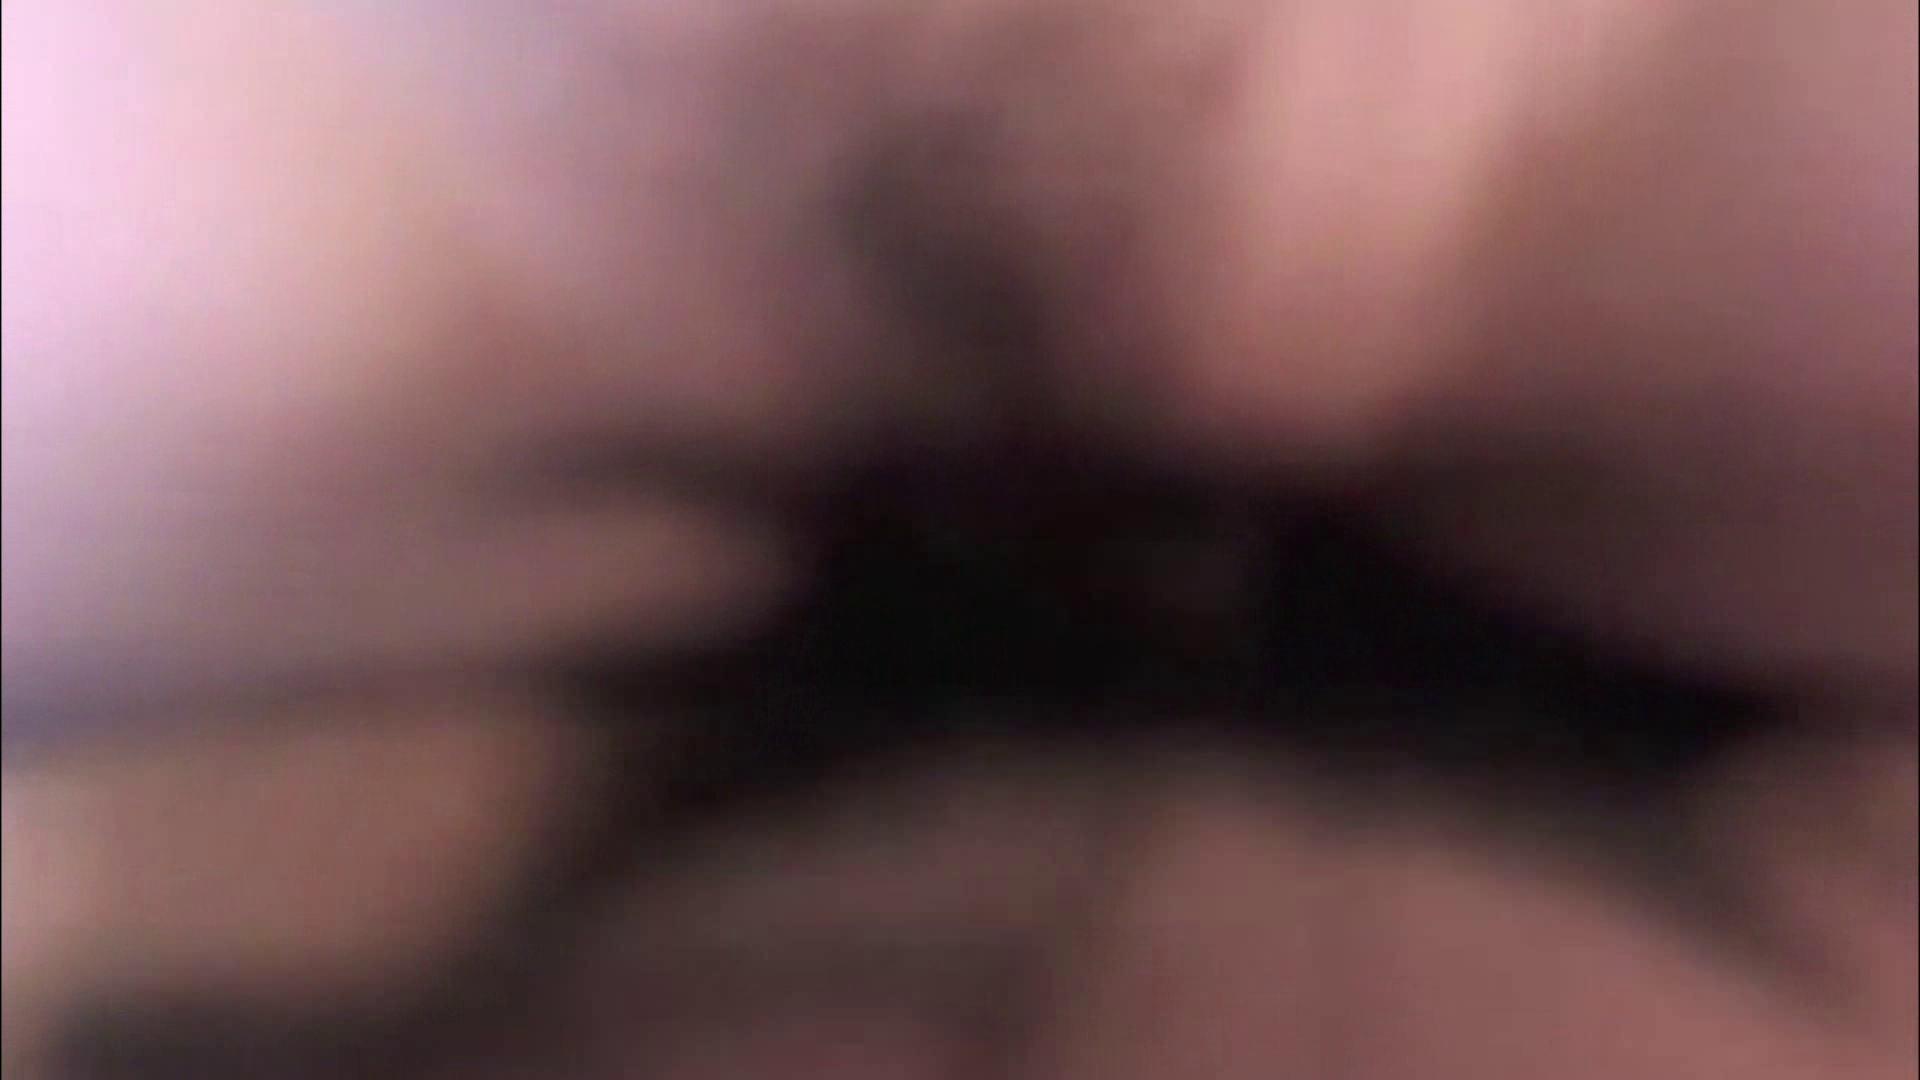 完全素人!!訳アリ娘のラブライフ♪vol.11後編 OLセックス 隠し撮りオマンコ動画紹介 105画像 44